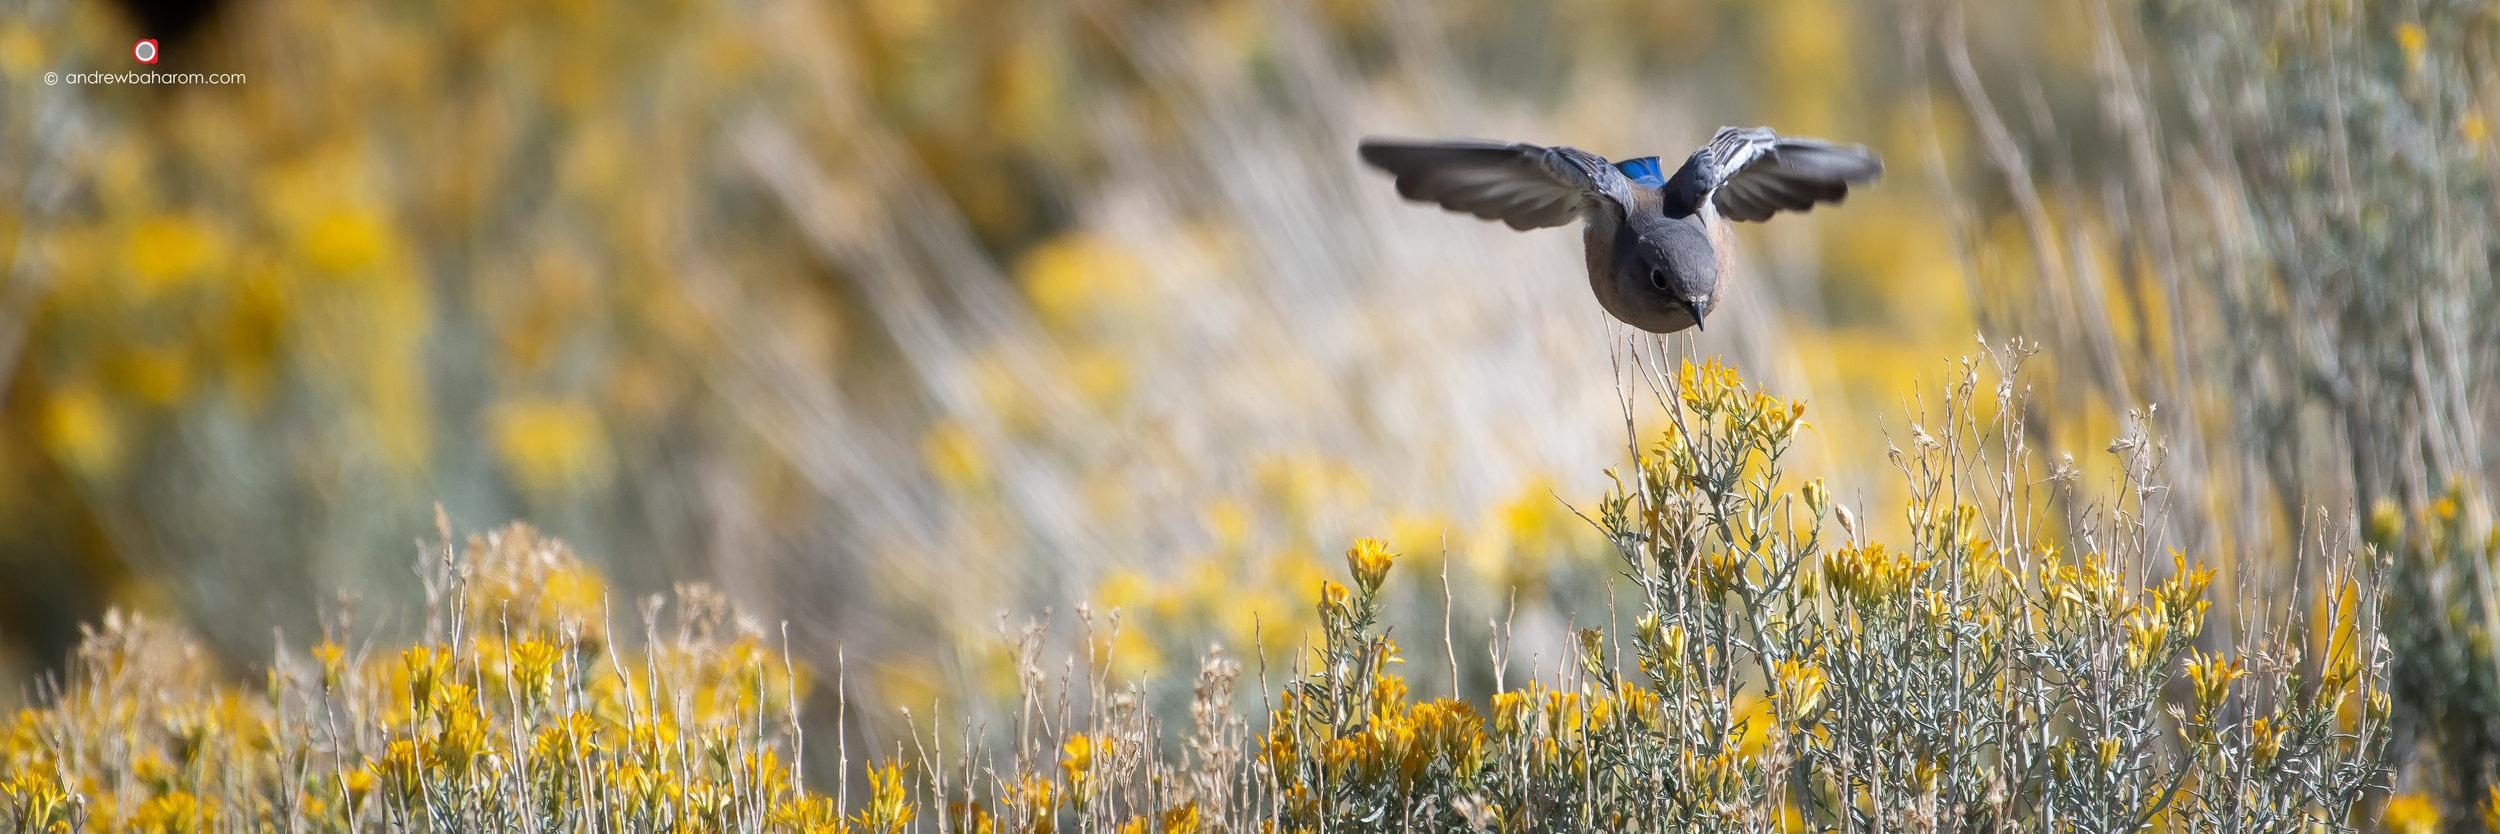 Yellow Flower Field Bird.jpg